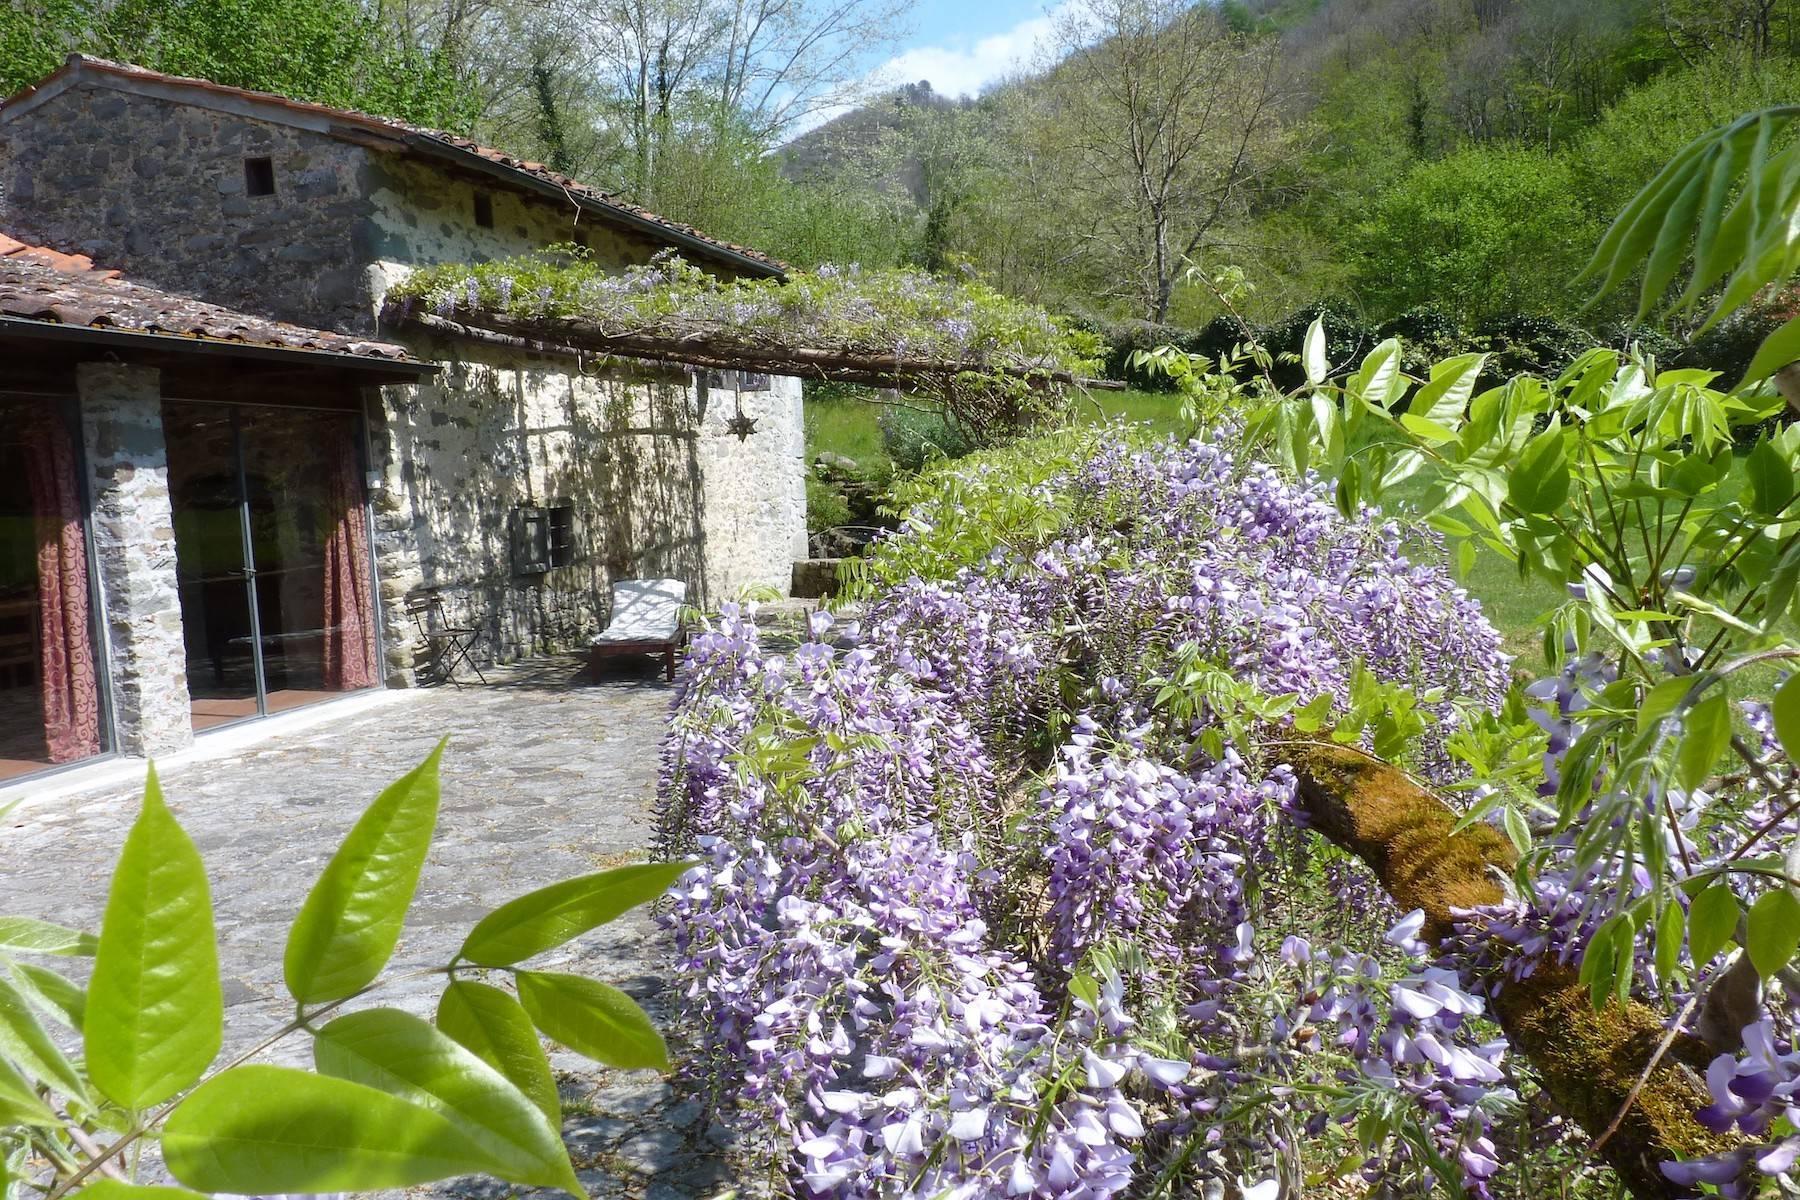 Maison de campagne enchantée sur les collines autour de Lucca - 23